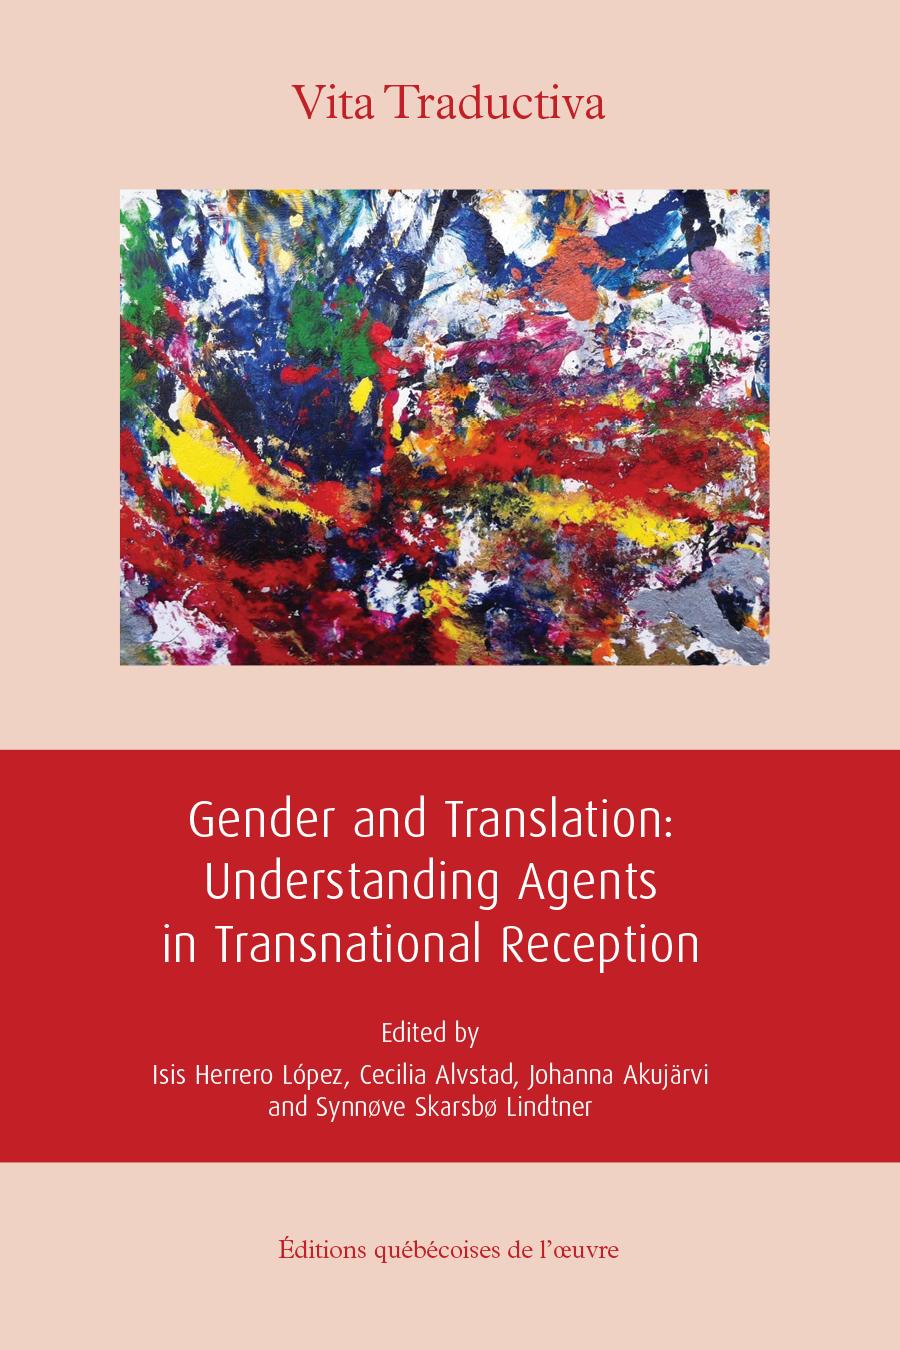 I. Herrero López, C. Alvstad, J. Akujärvi et S. Skarsbø Lindtner (dir.), Gender and Translation: Understanding Agents in Transnational Reception